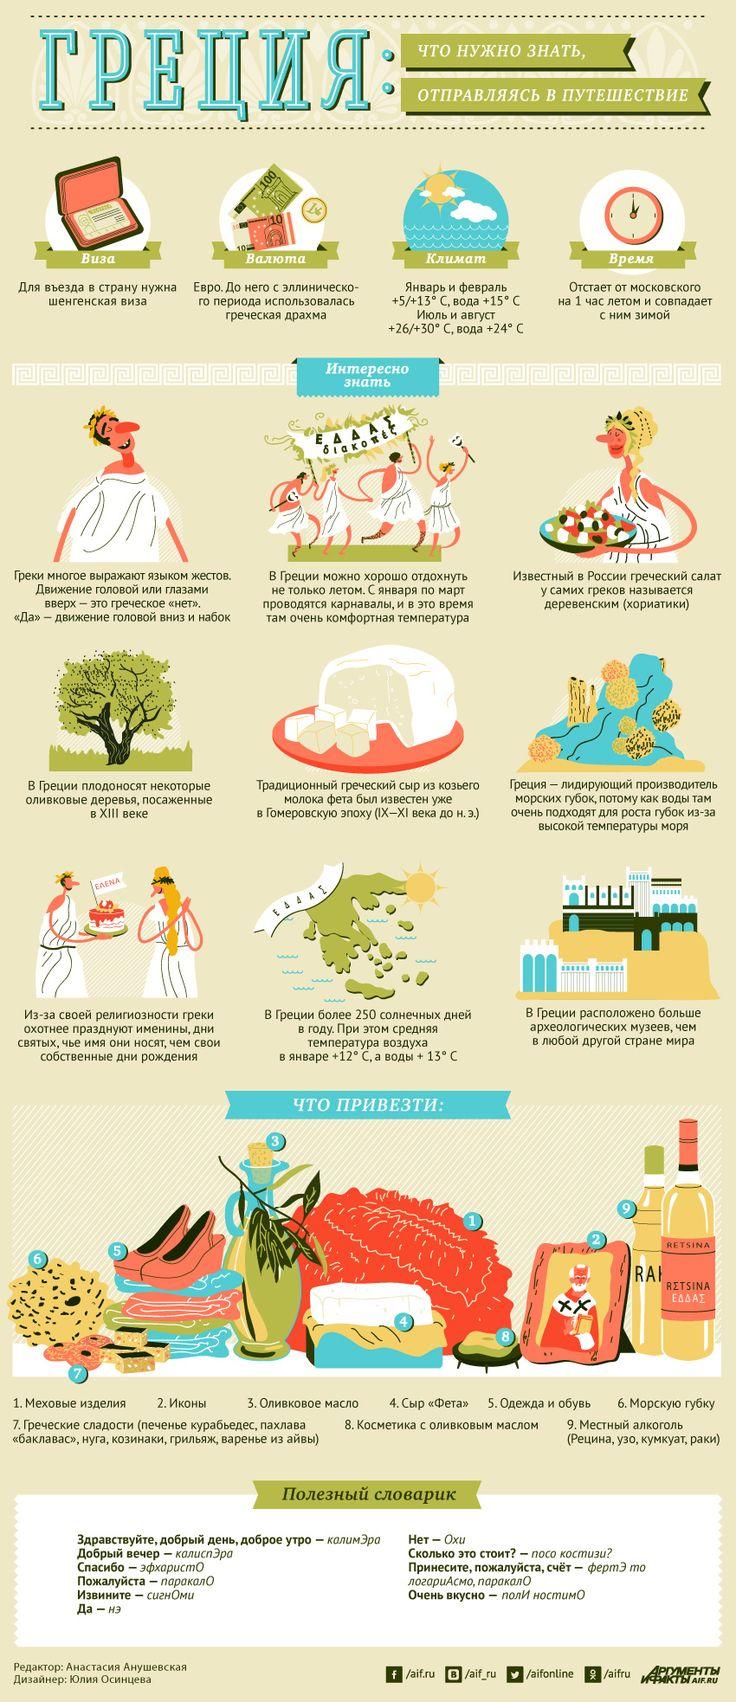 Греция: что нужно знать, отправляясь в путешествие. Инфографика | Инфографика…